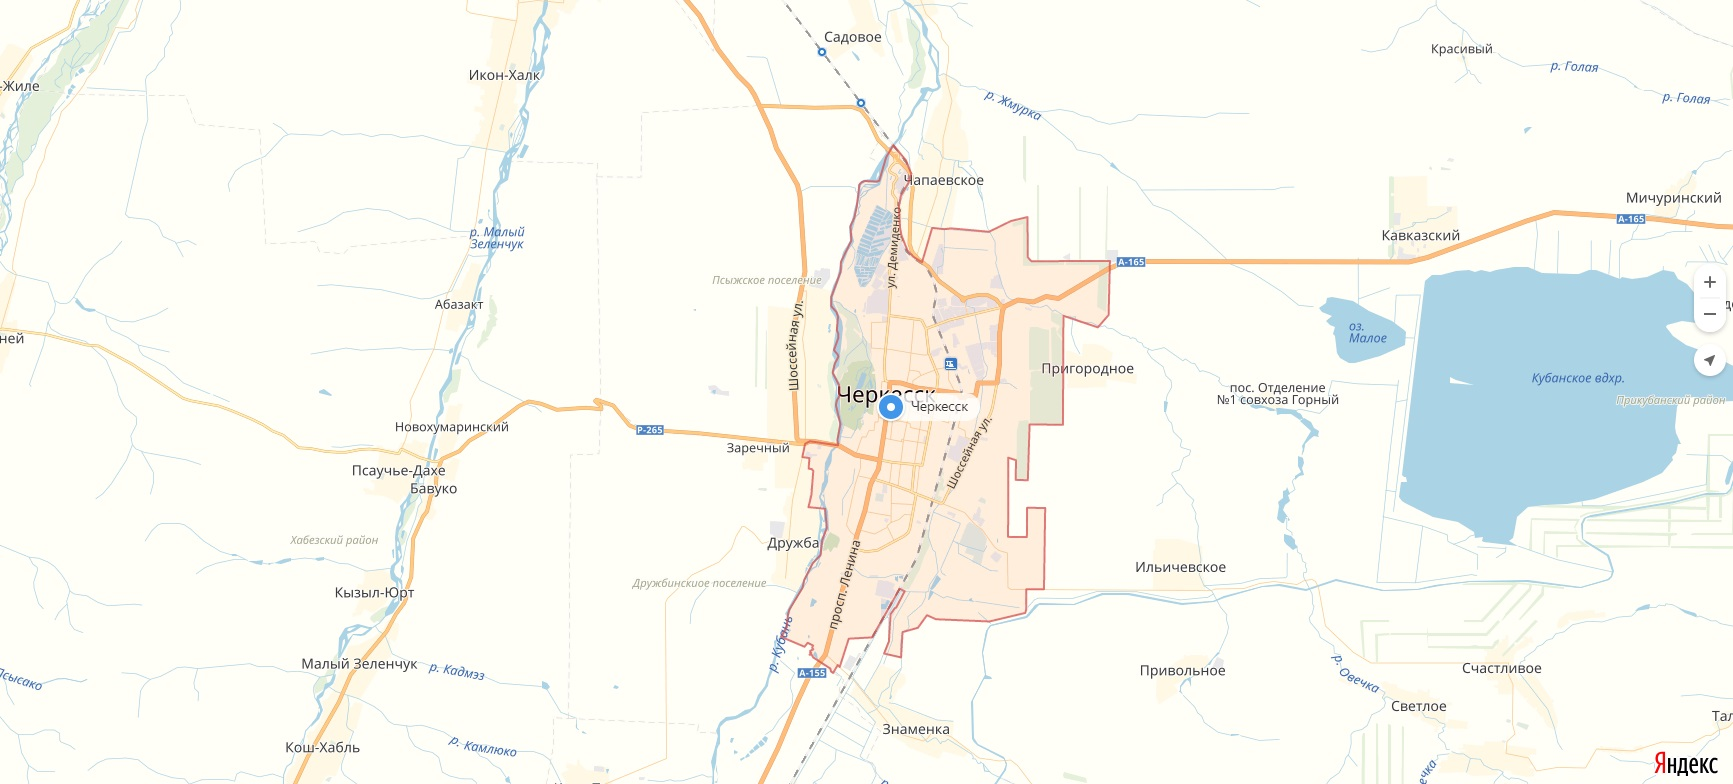 Карта Черкесска Карачаево-Черкесская республика